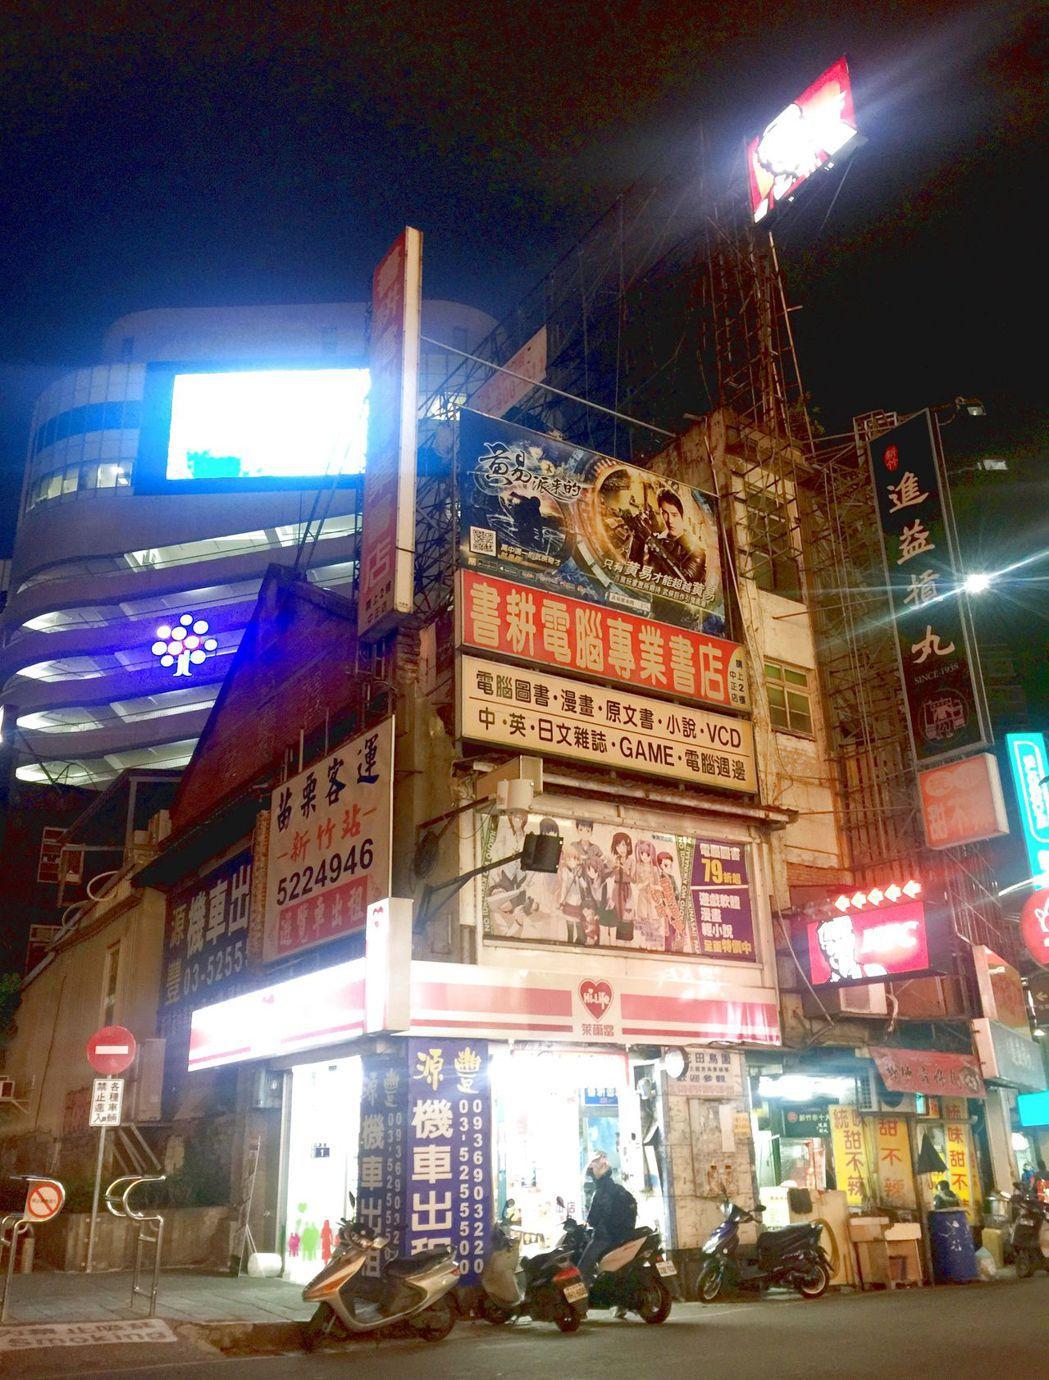 新竹市真正的地王是中正路與大同路口間,這棟磚造舊房。記者李青霖/攝影